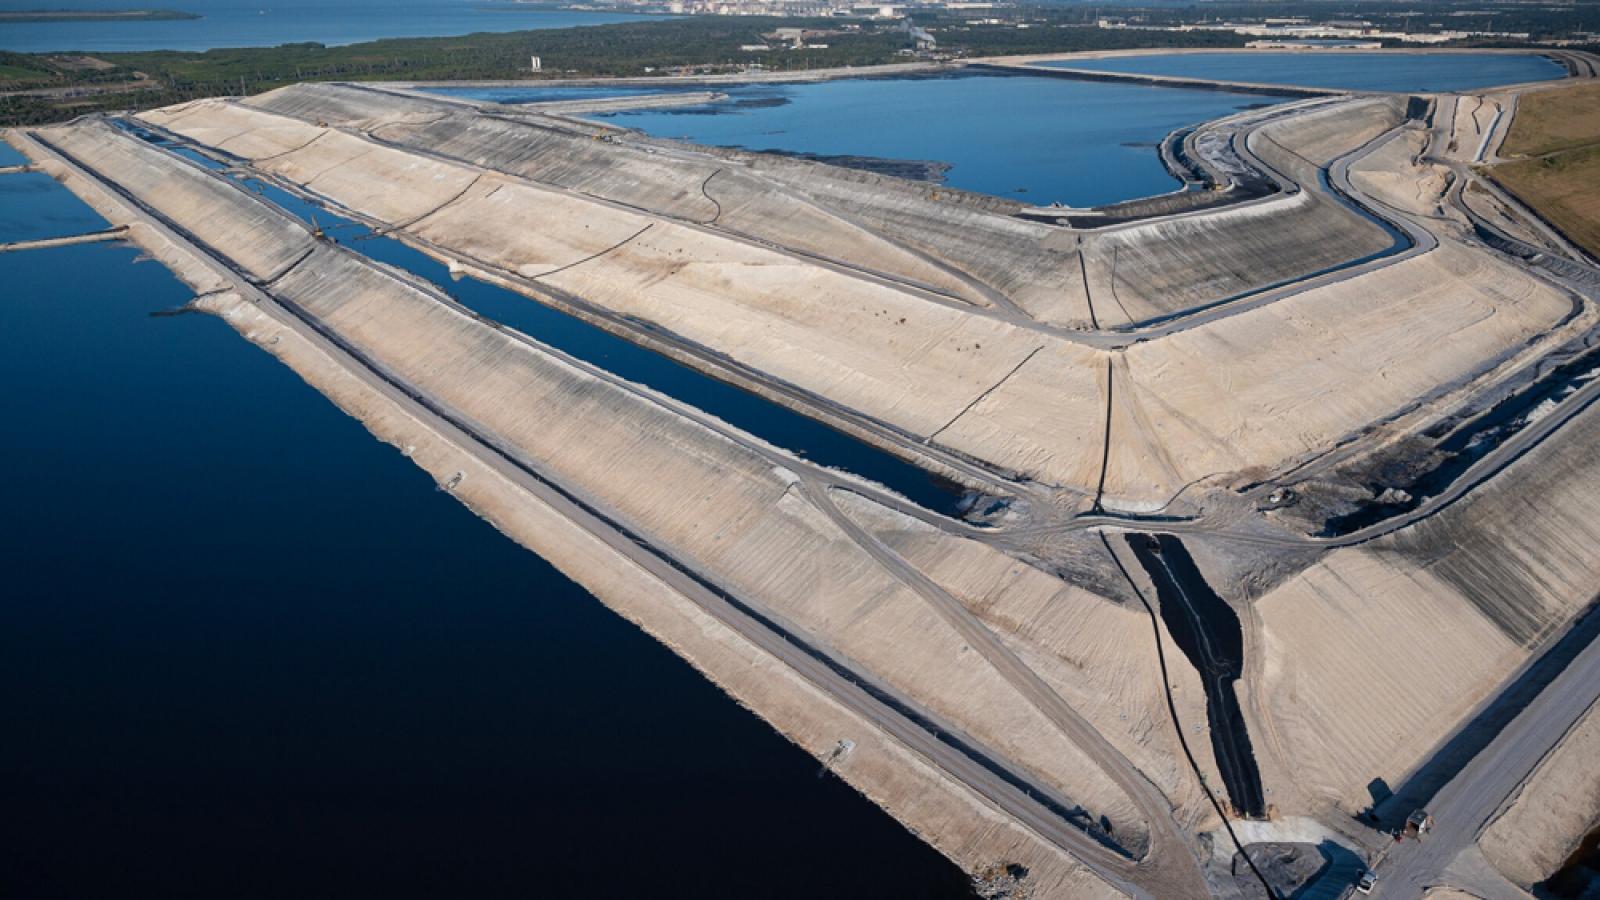 """Xử lý khủng hoảng chất thải ở Florida: Hoá giải chiêu bài """"đất hiếm"""" của Trung Quốc"""